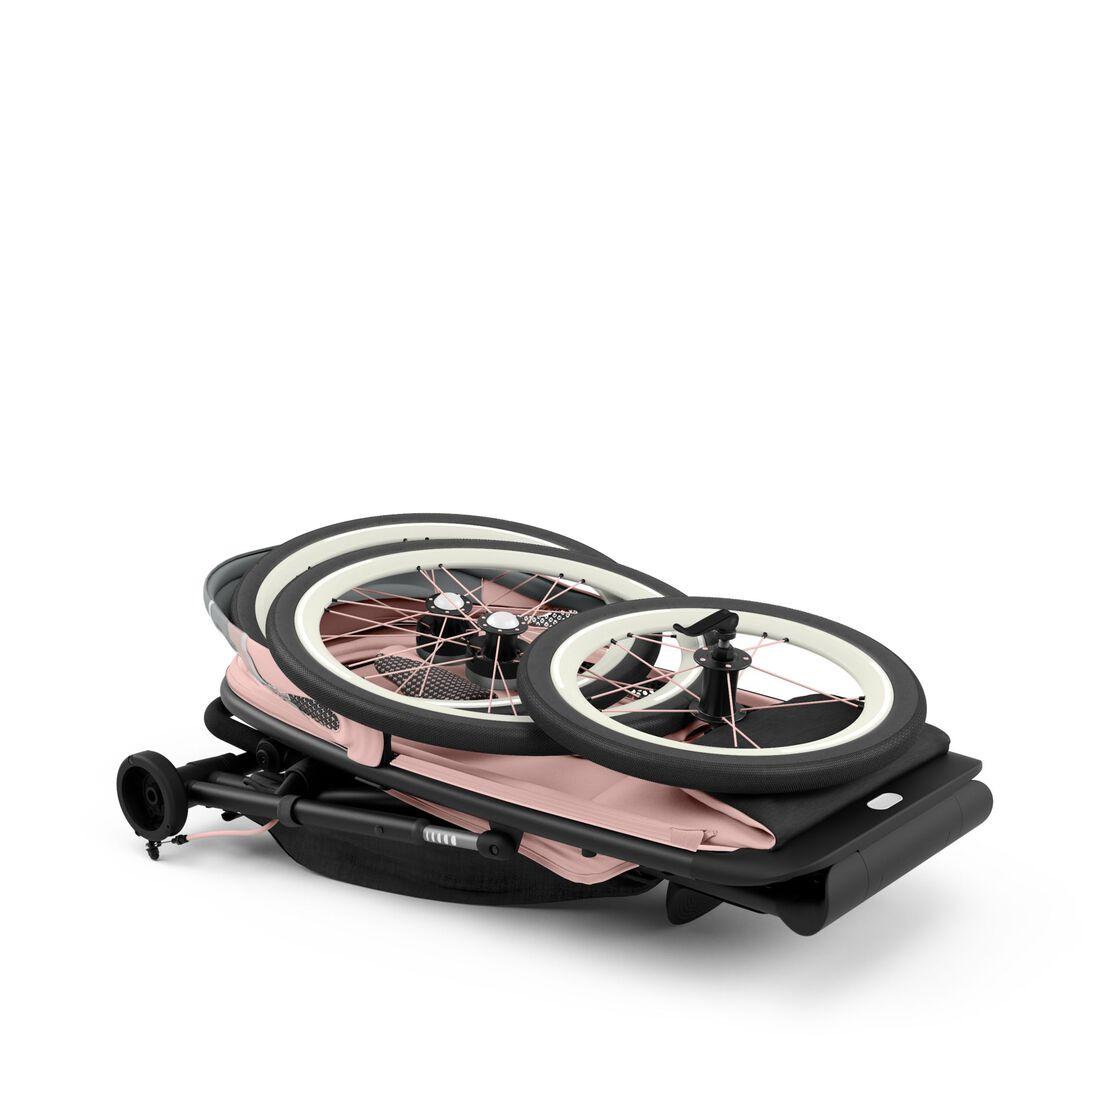 CYBEX Avi Rahmen - Schwarz mit pinken Details in Black With Pink Details large Bild 6